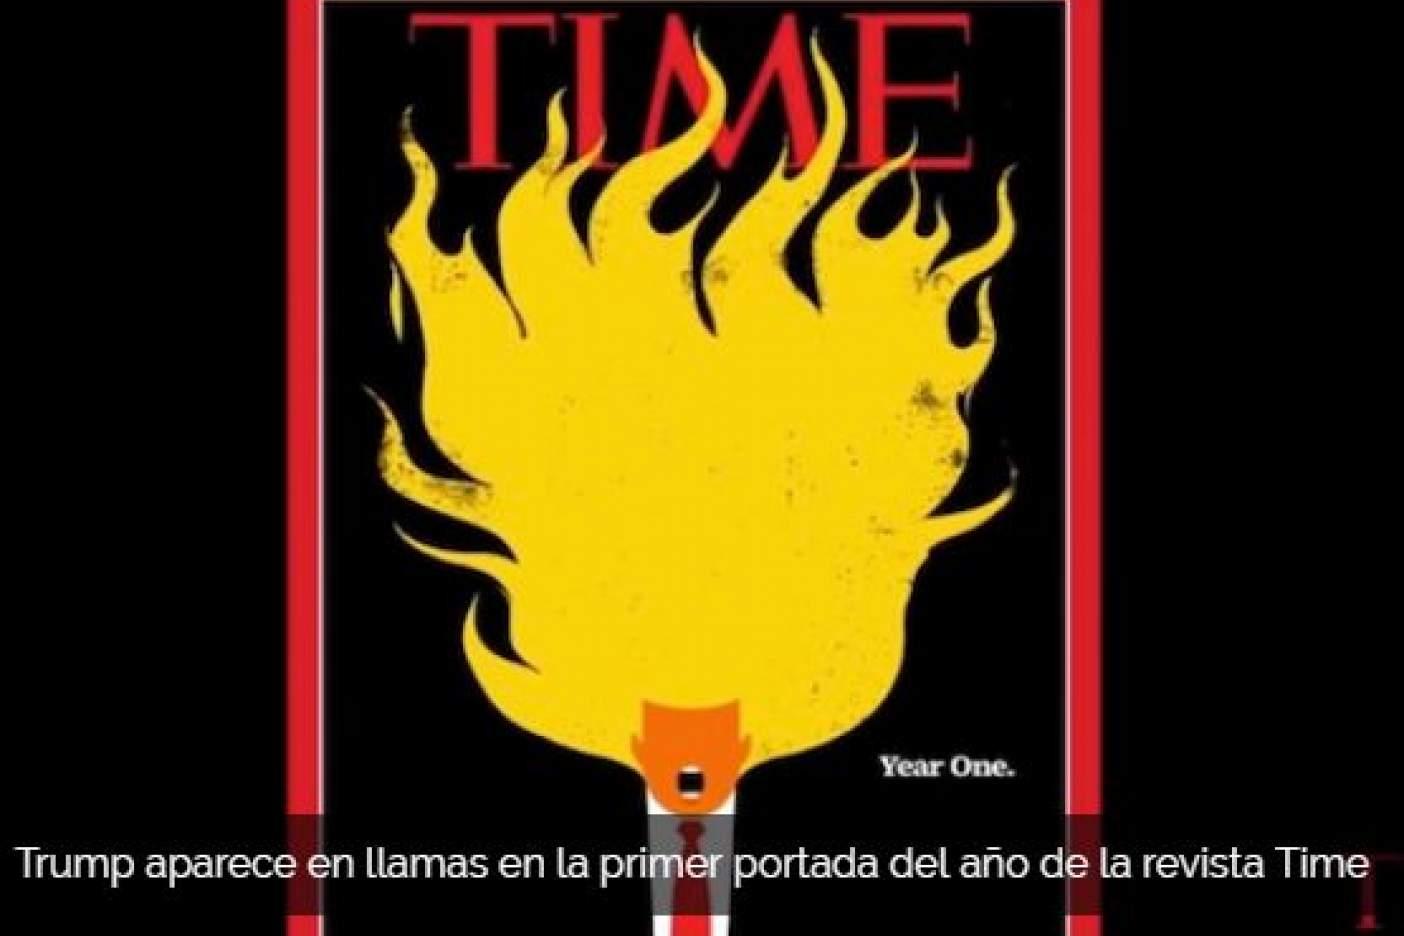 Trump en llamas, la nueva portada de 'TIME'